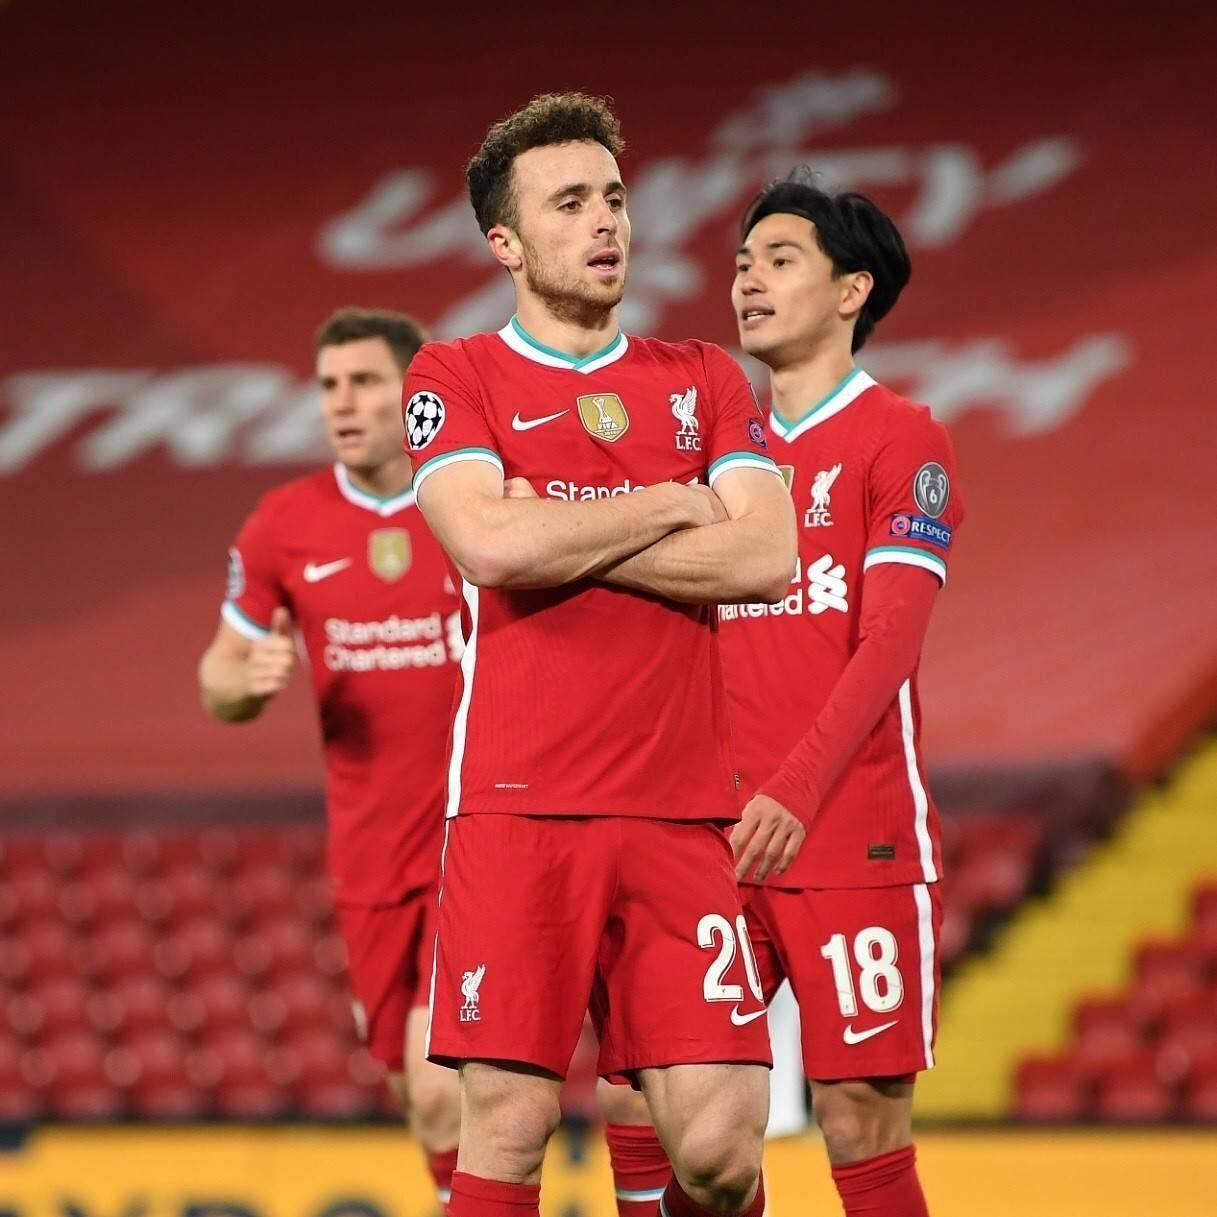 利物浦中心成功承受膝盖手术 暂无复出时间表